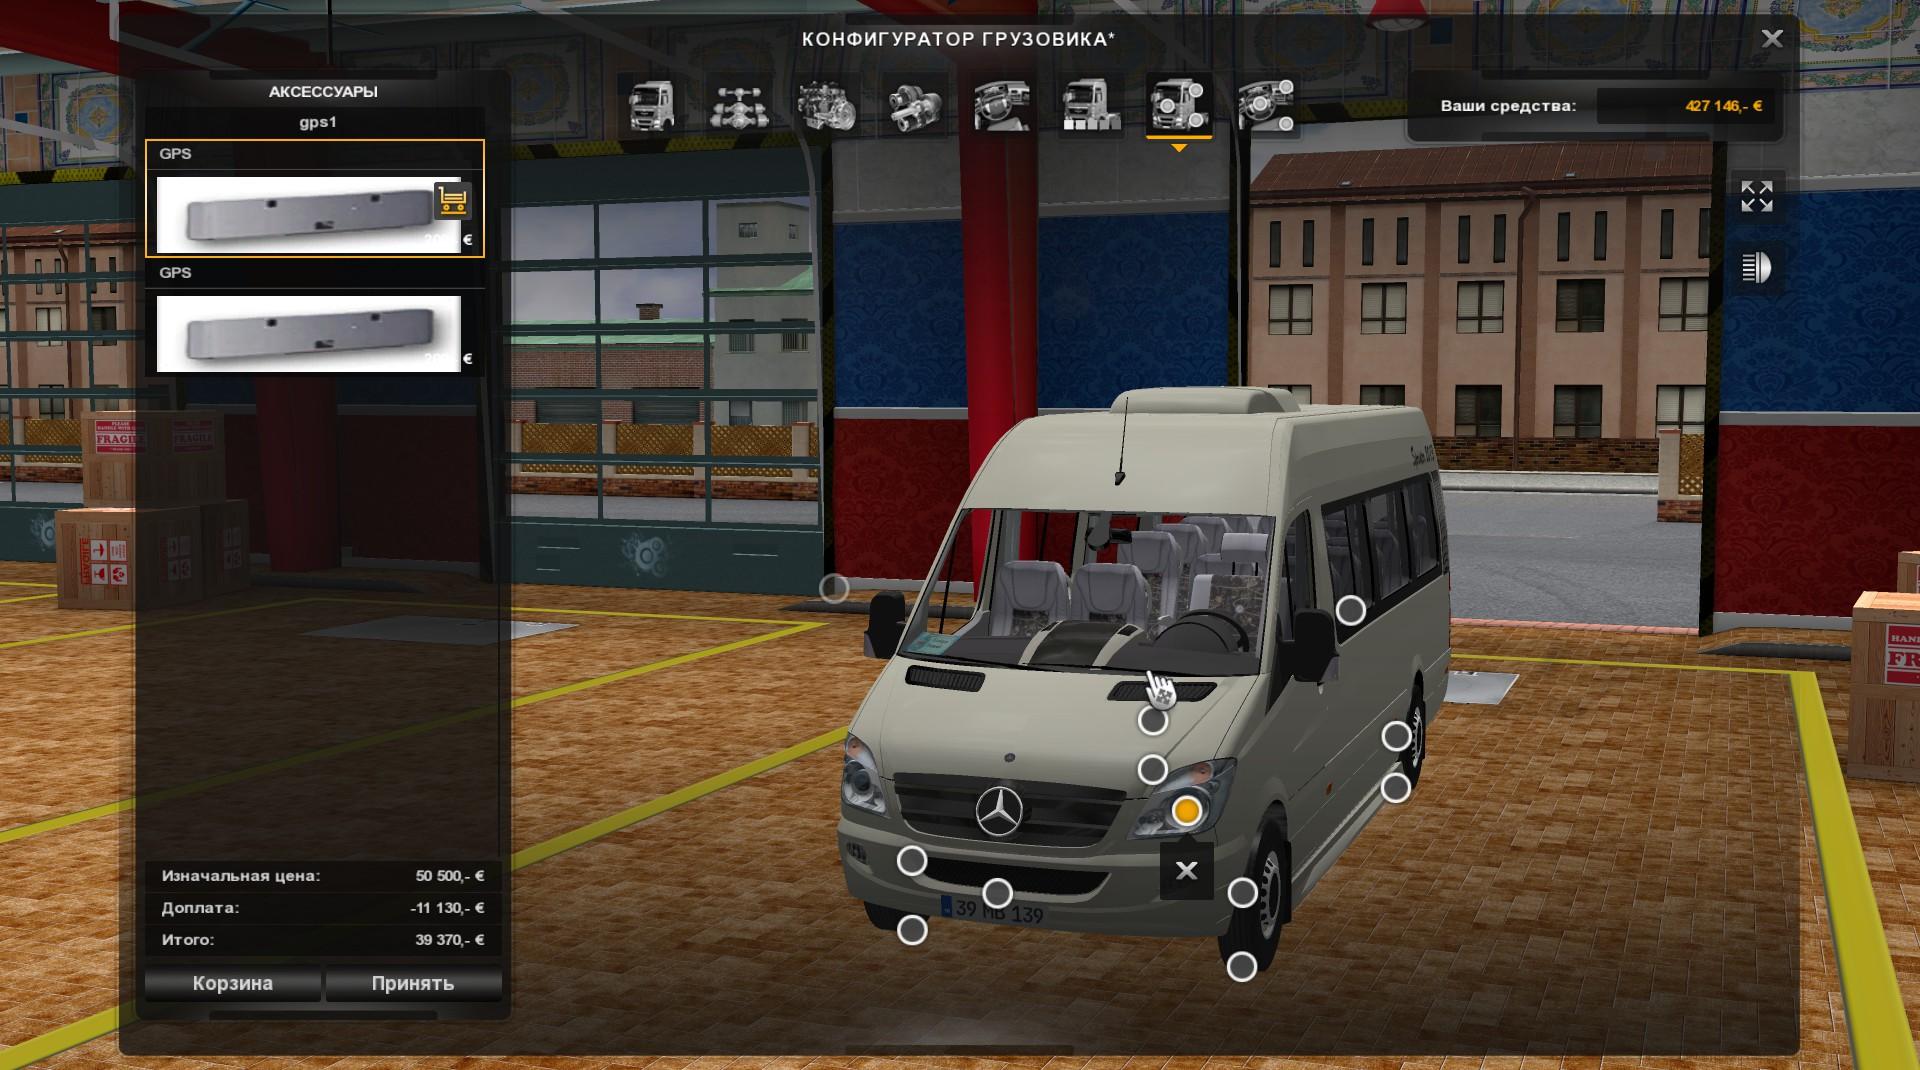 Заправщики скачать бесплатно landwirtschafts simulator 2011 моды.